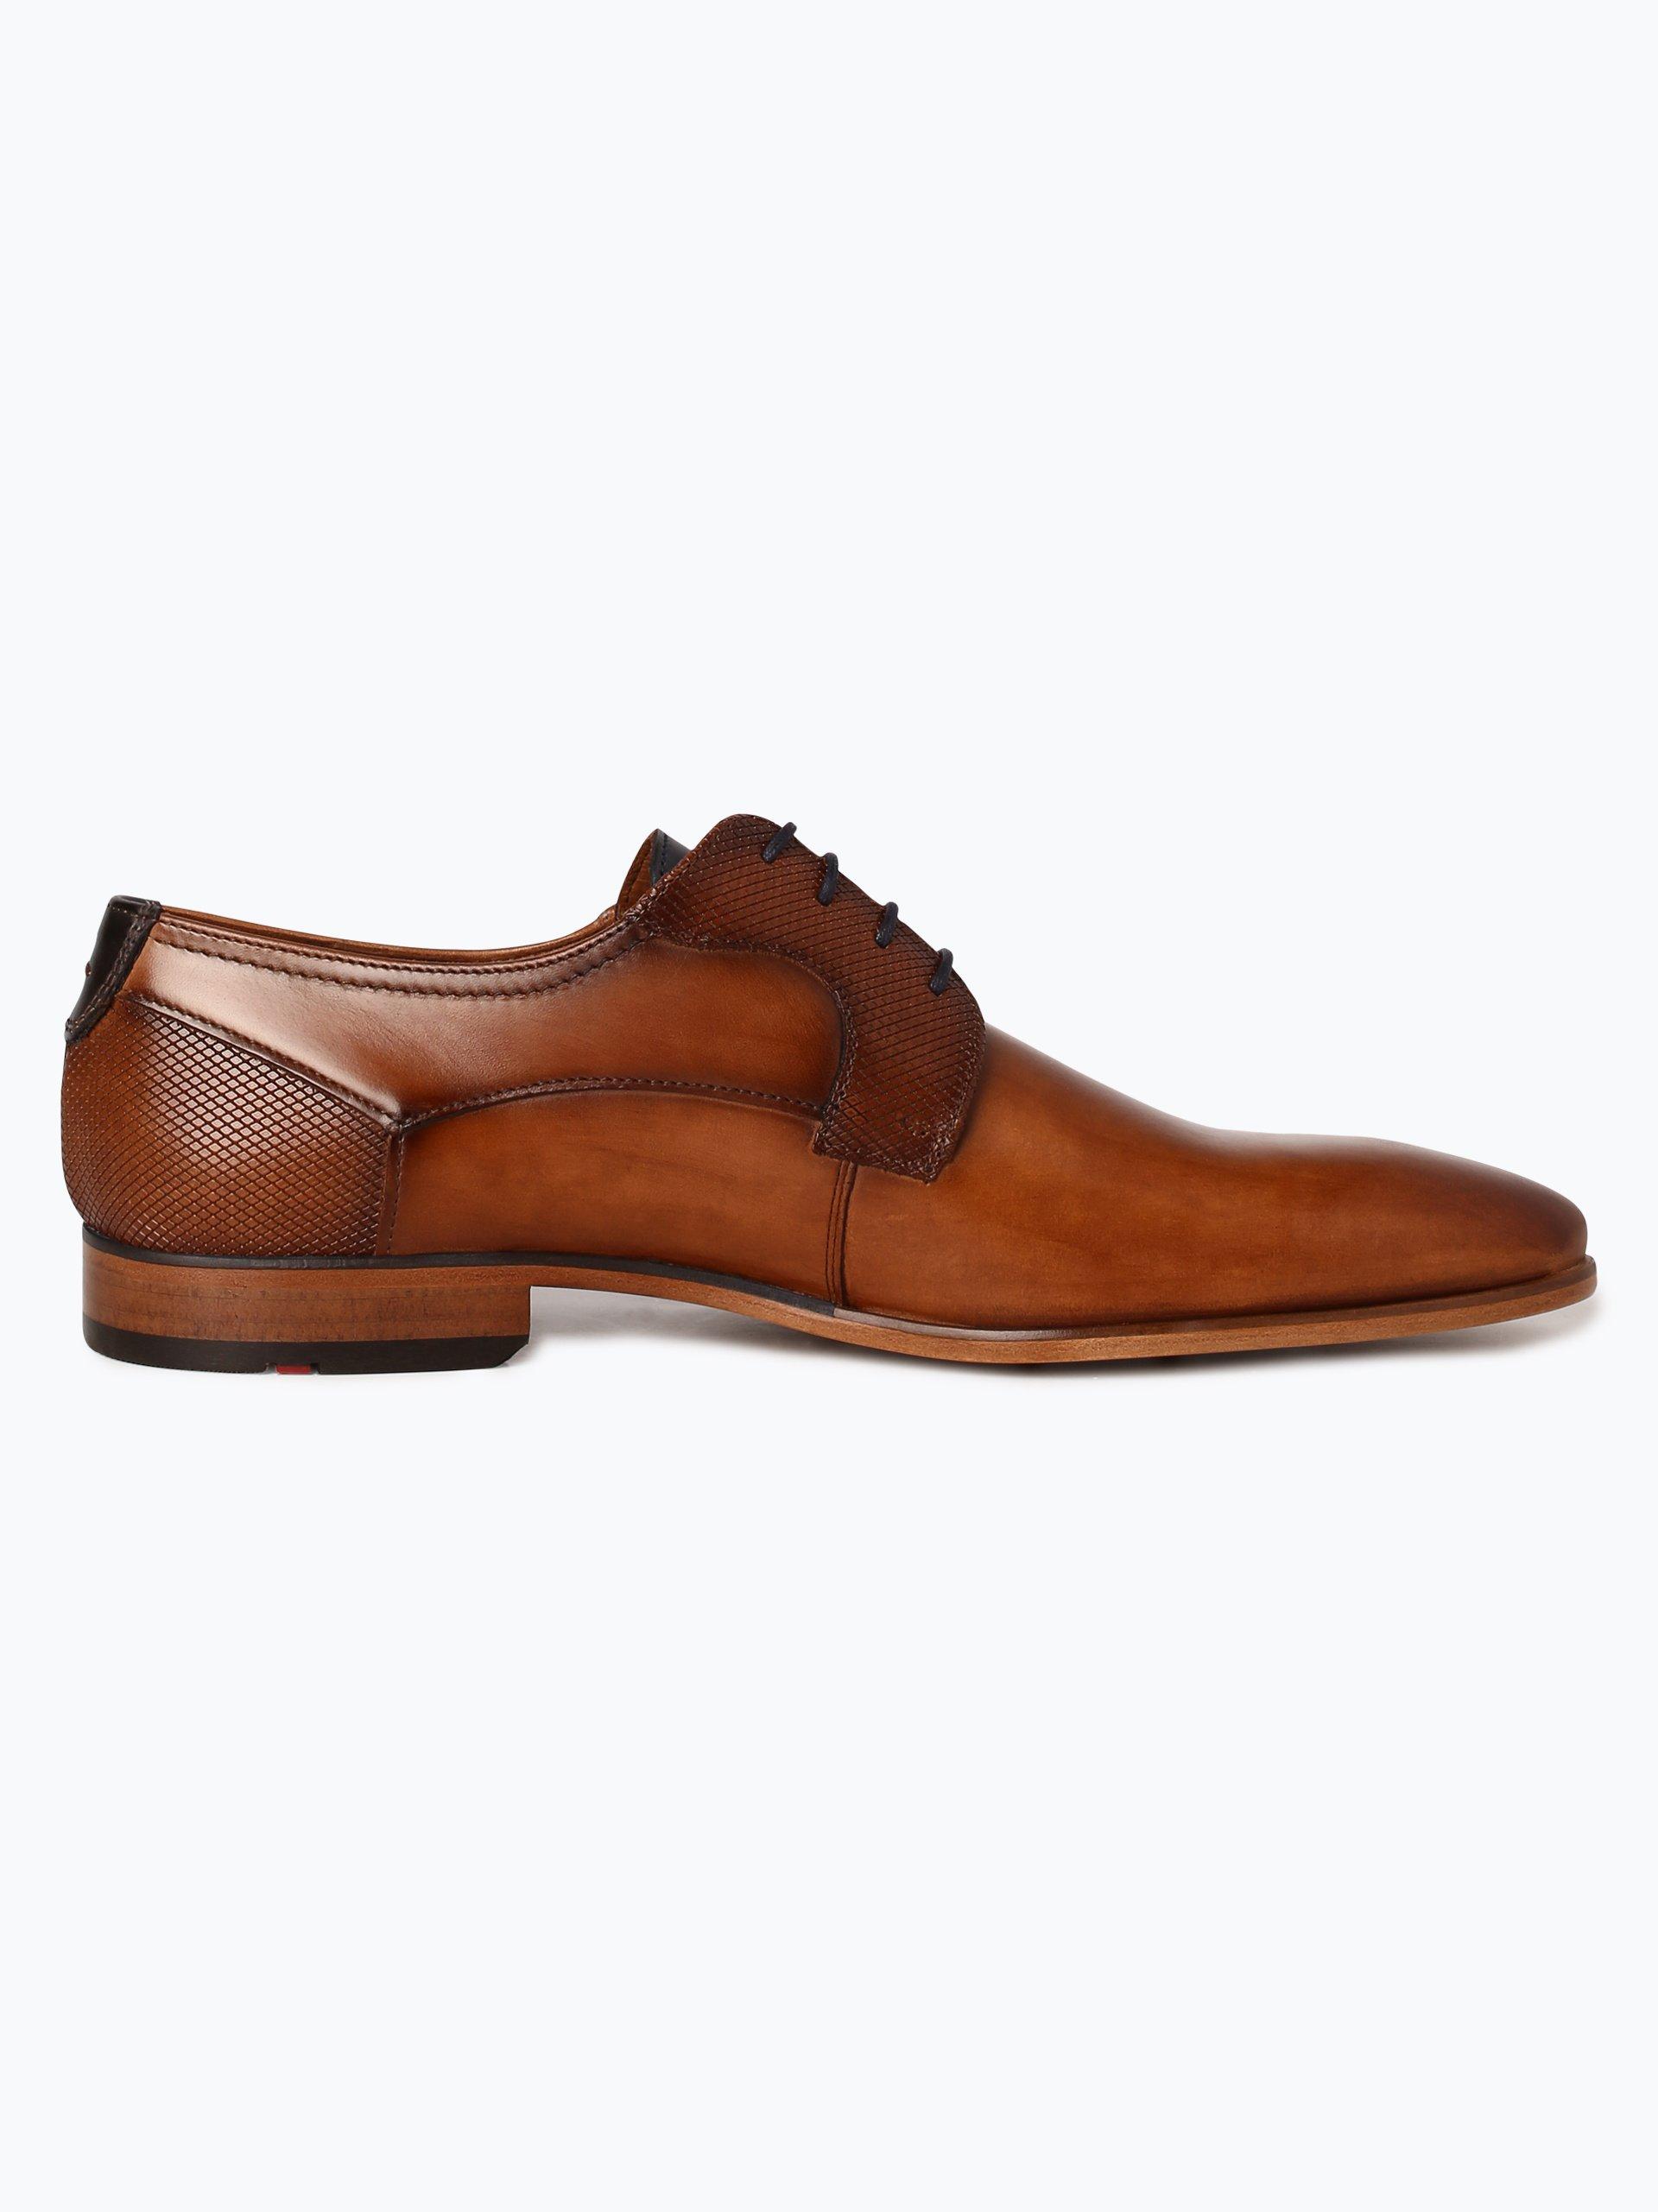 Lloyd Męskie buty sznurowane ze skóry – Perseo